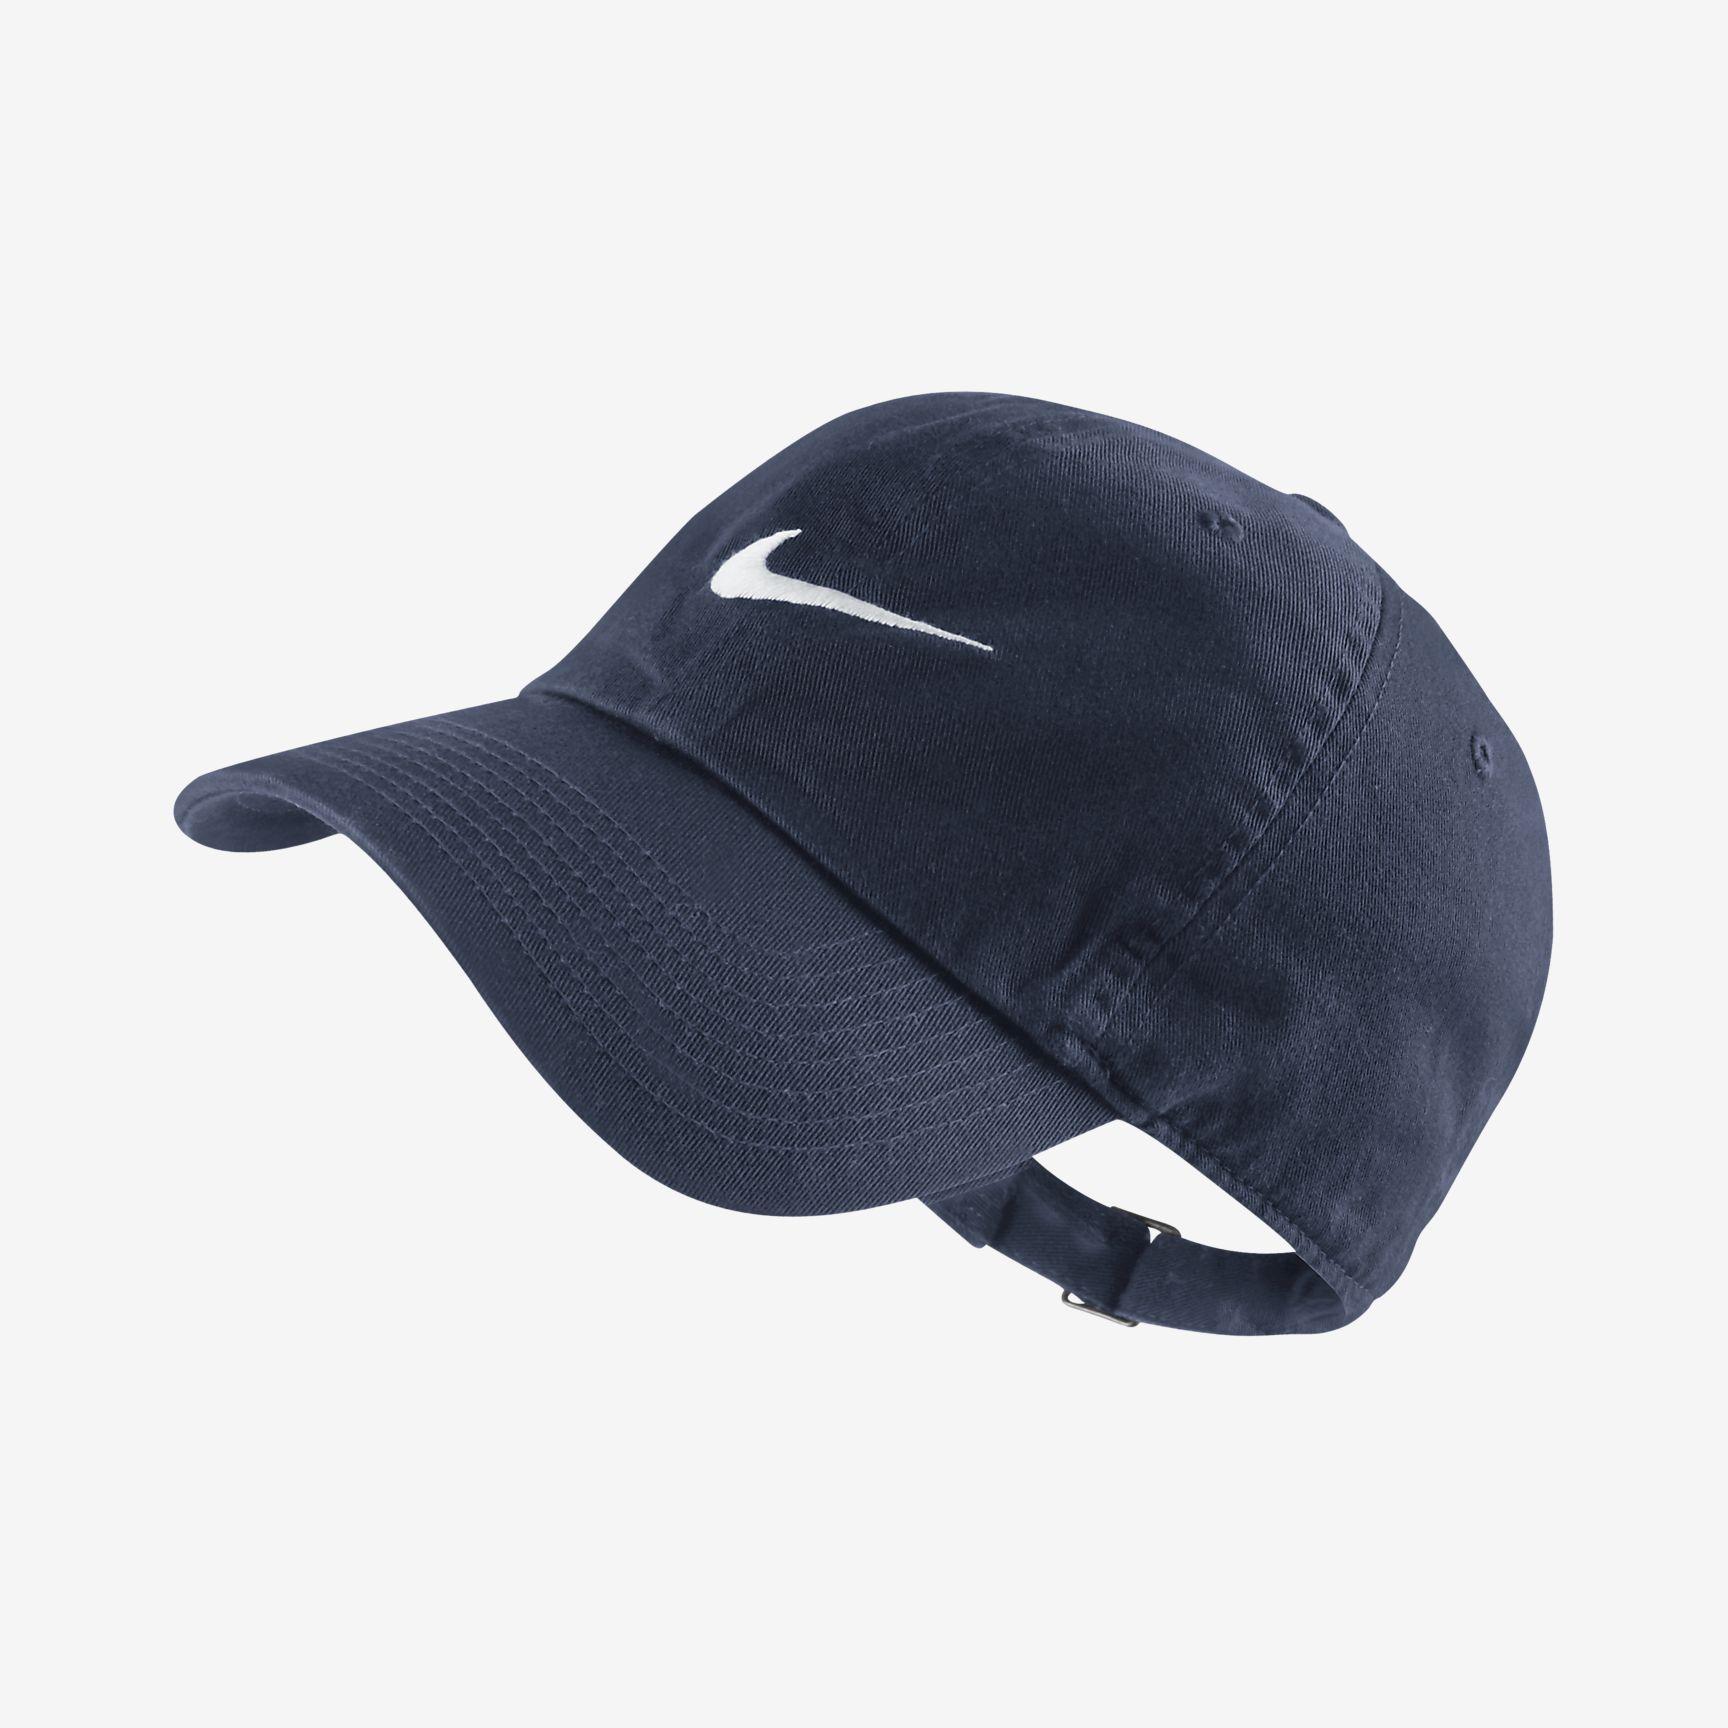 b953d456fe Nike Sportswear Heritage 86 Swoosh Verstelbare pet | kleding ...